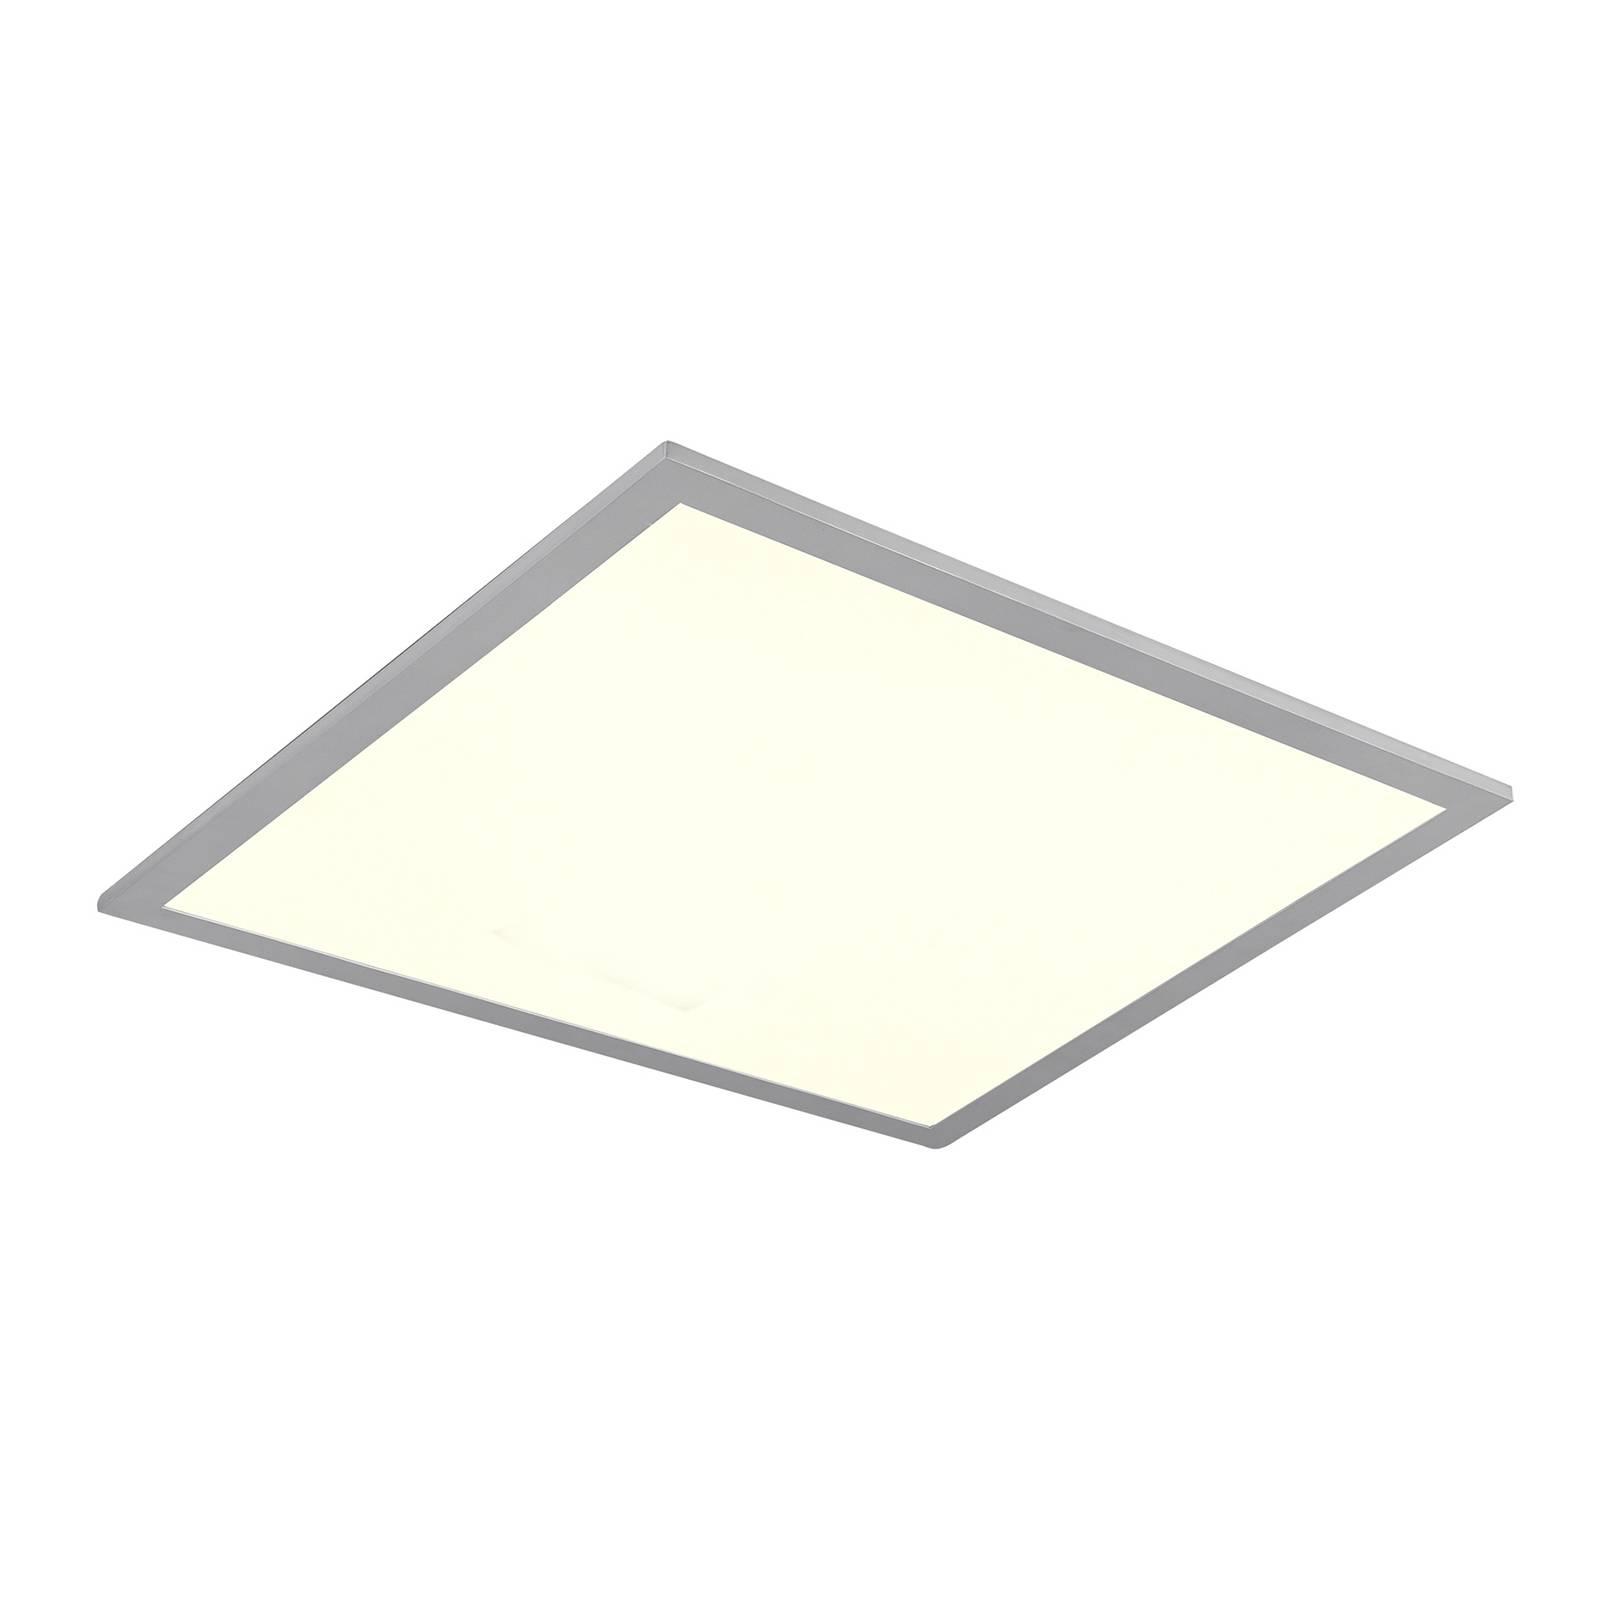 LED-kattovalaisin Alima, CCT, WiZ, 49,5 x 49,5 cm